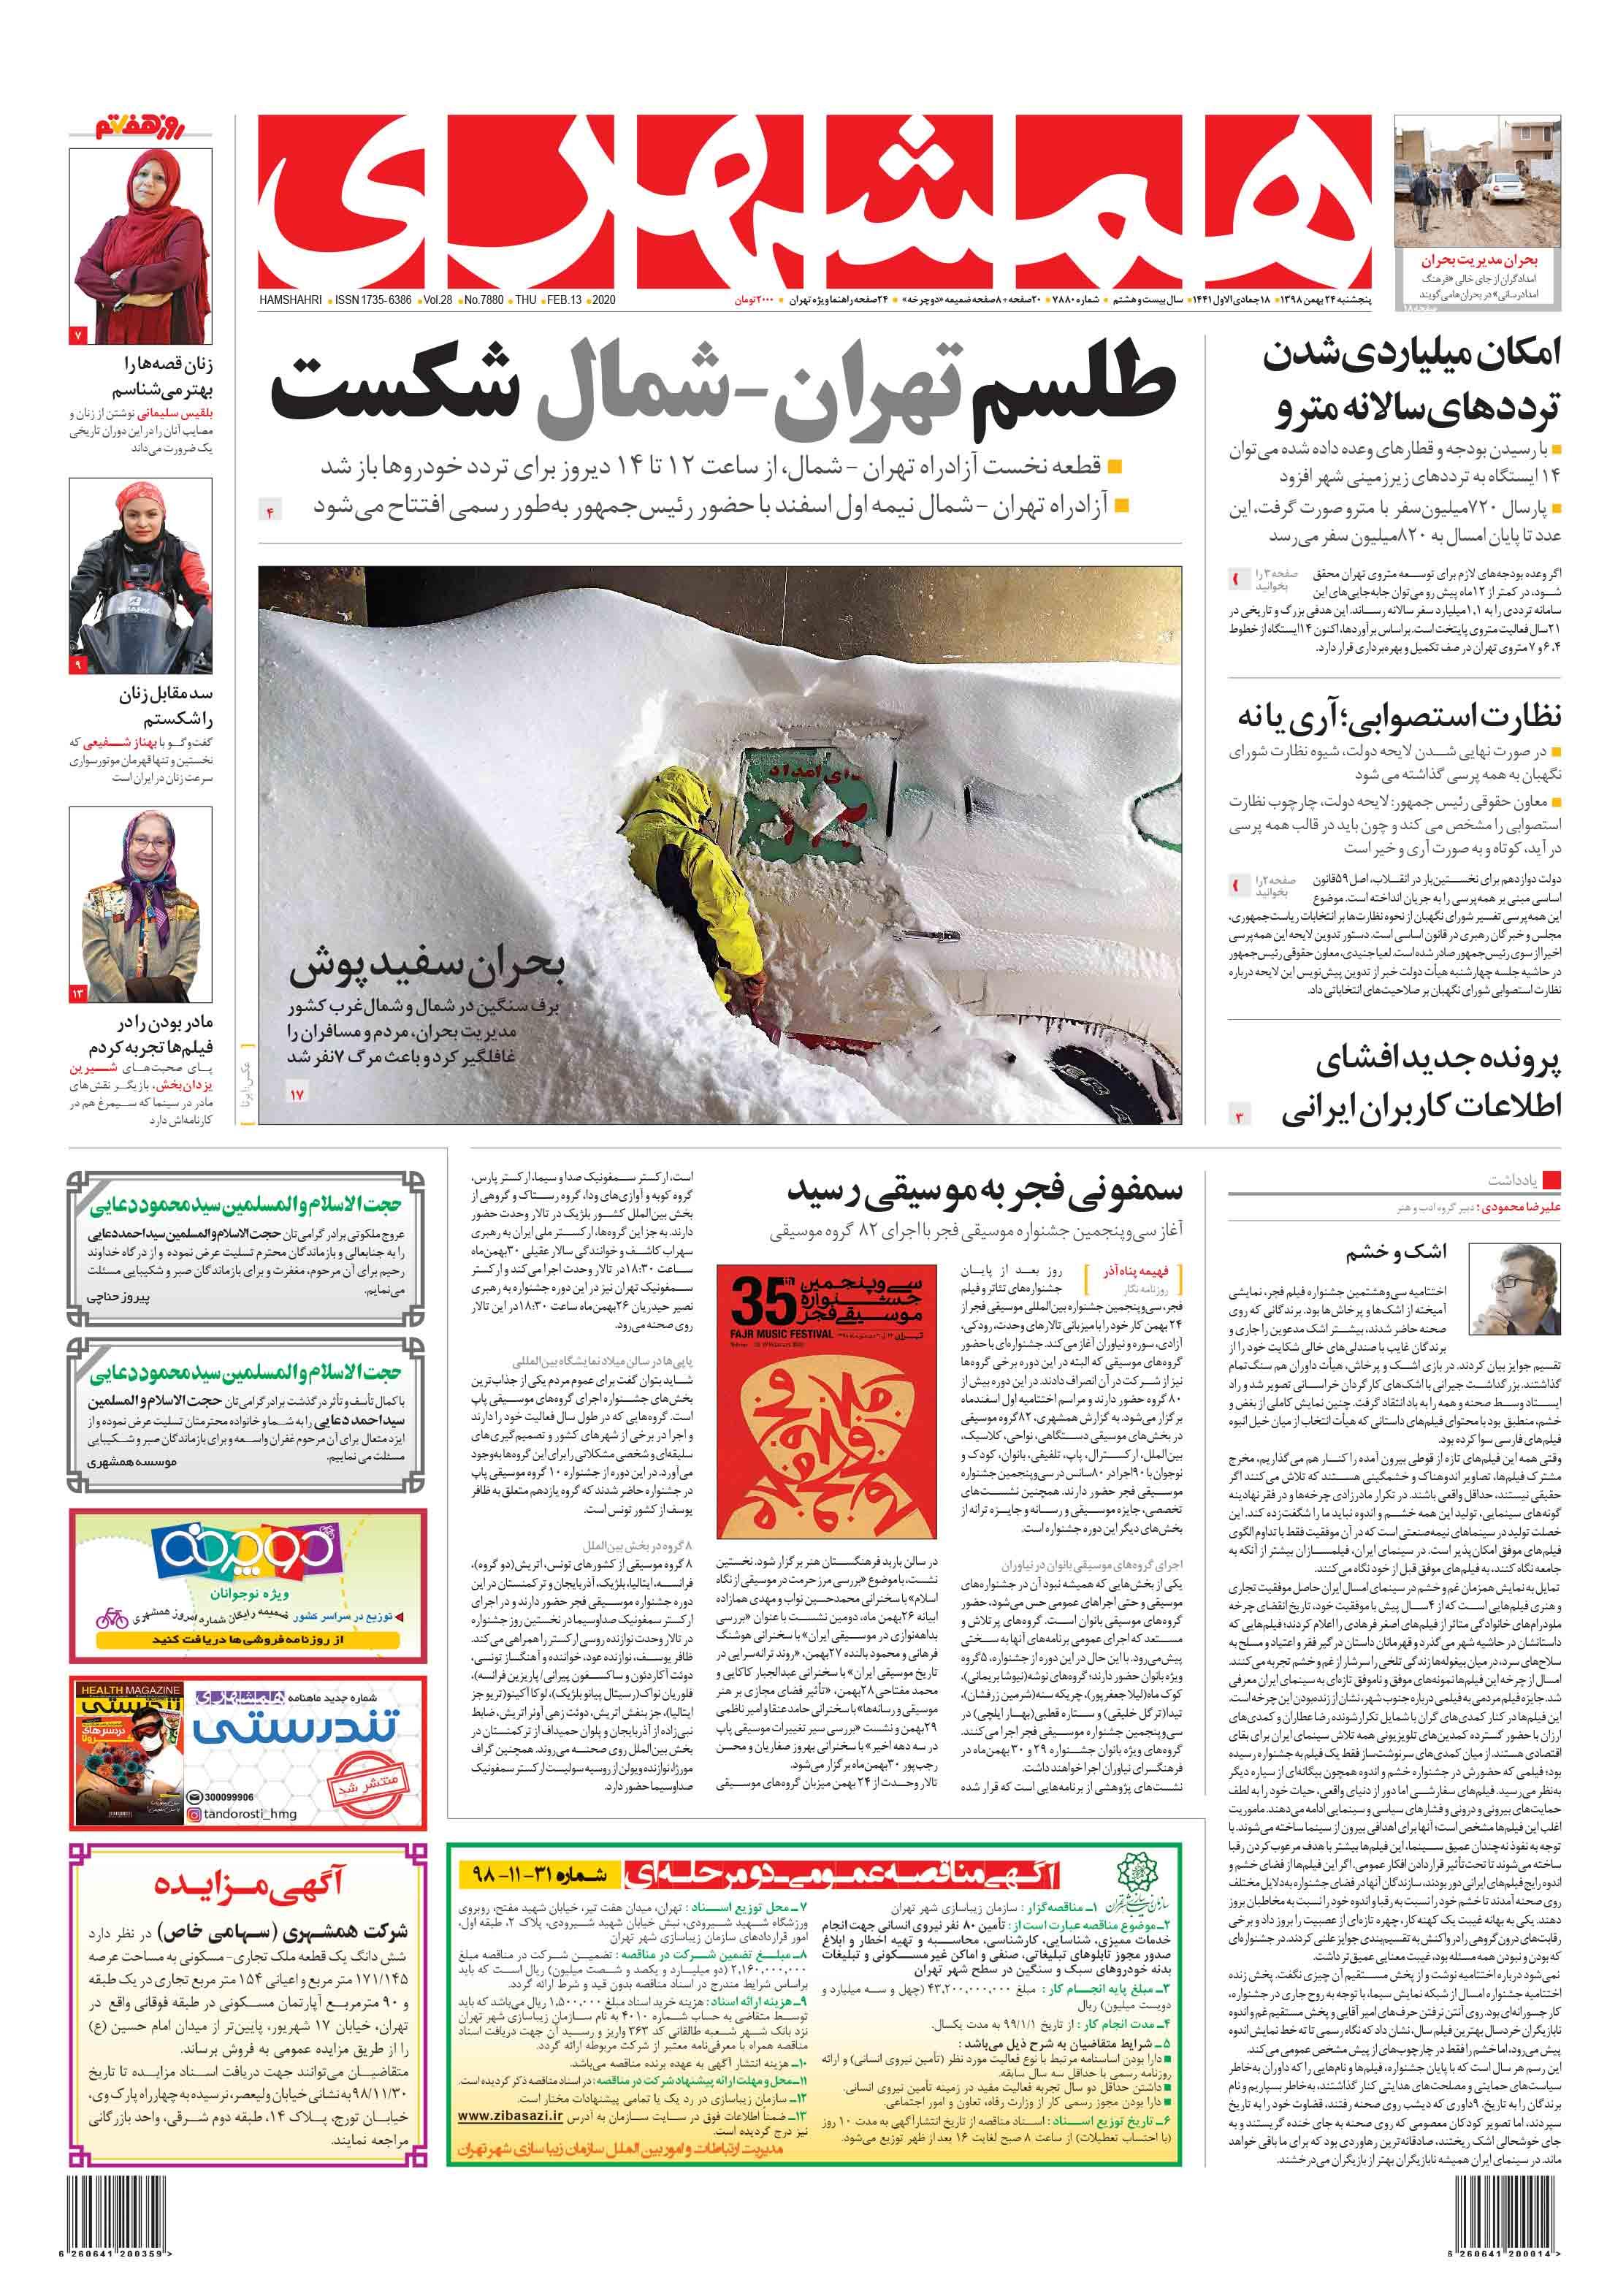 صفحه اول پنجشنبه 24 بهمن 1398